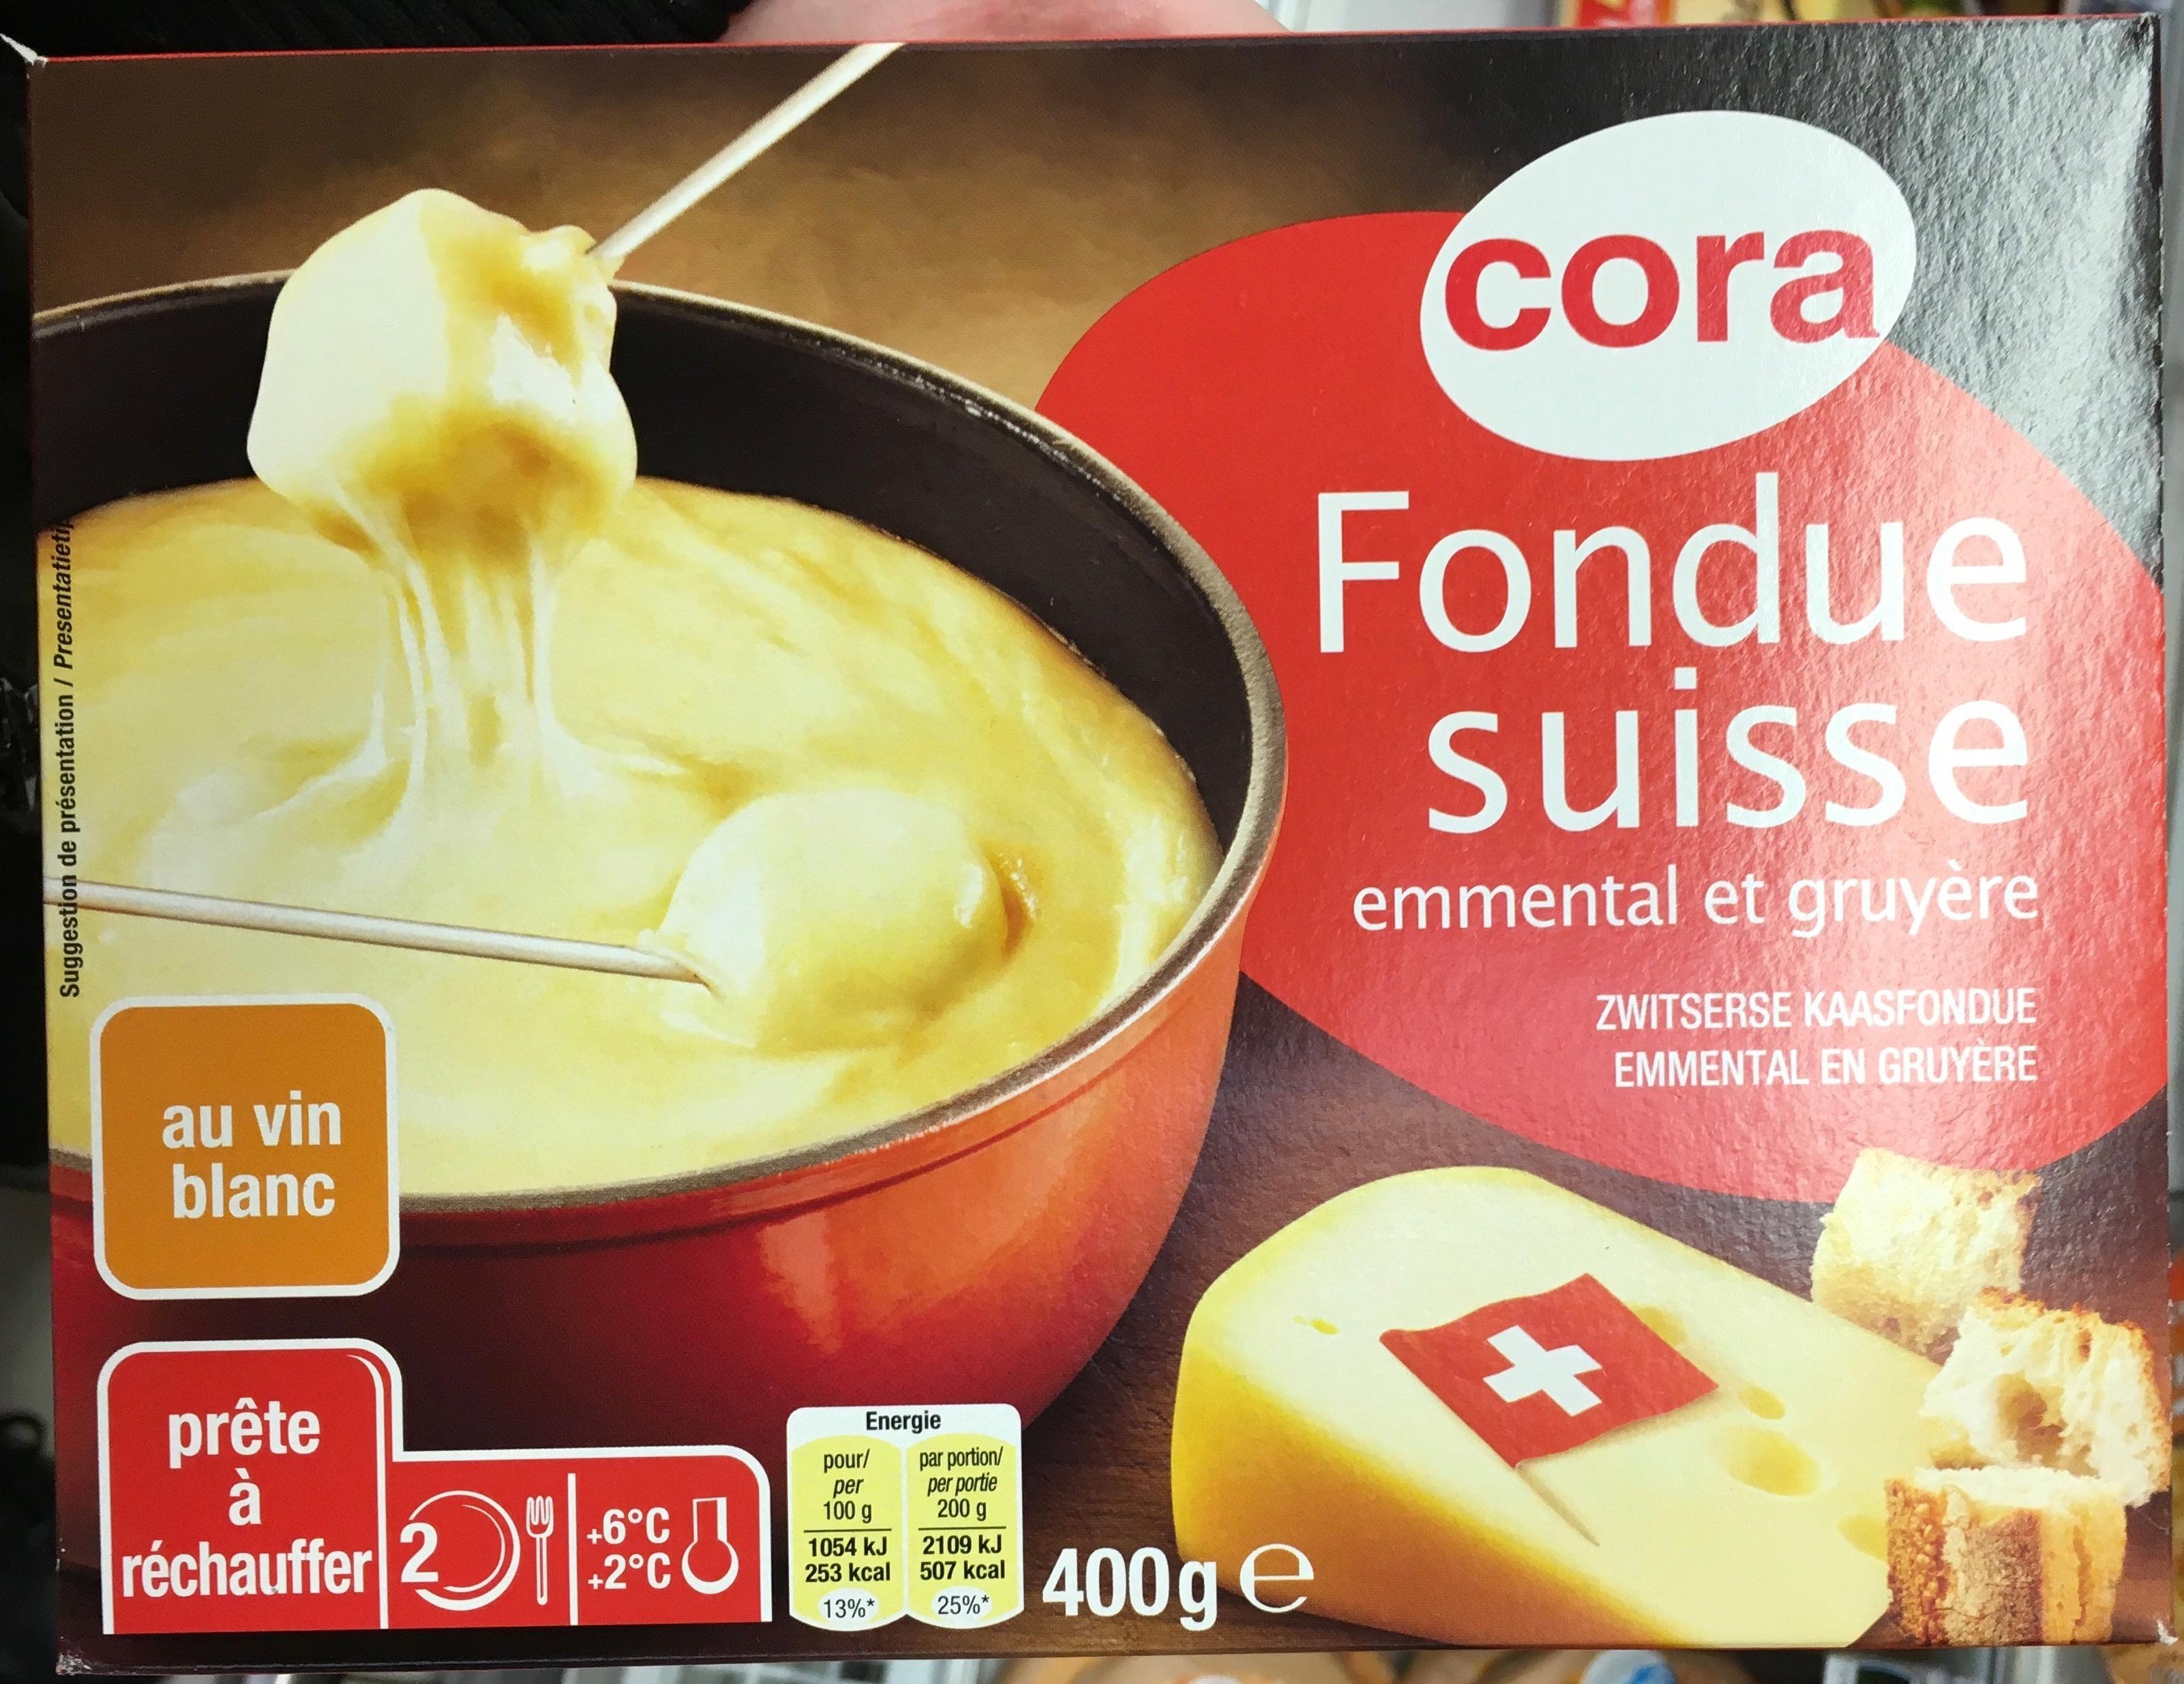 fondue suisse emmental et gruy re au vin blanc 16 5 mg cora 400 g. Black Bedroom Furniture Sets. Home Design Ideas